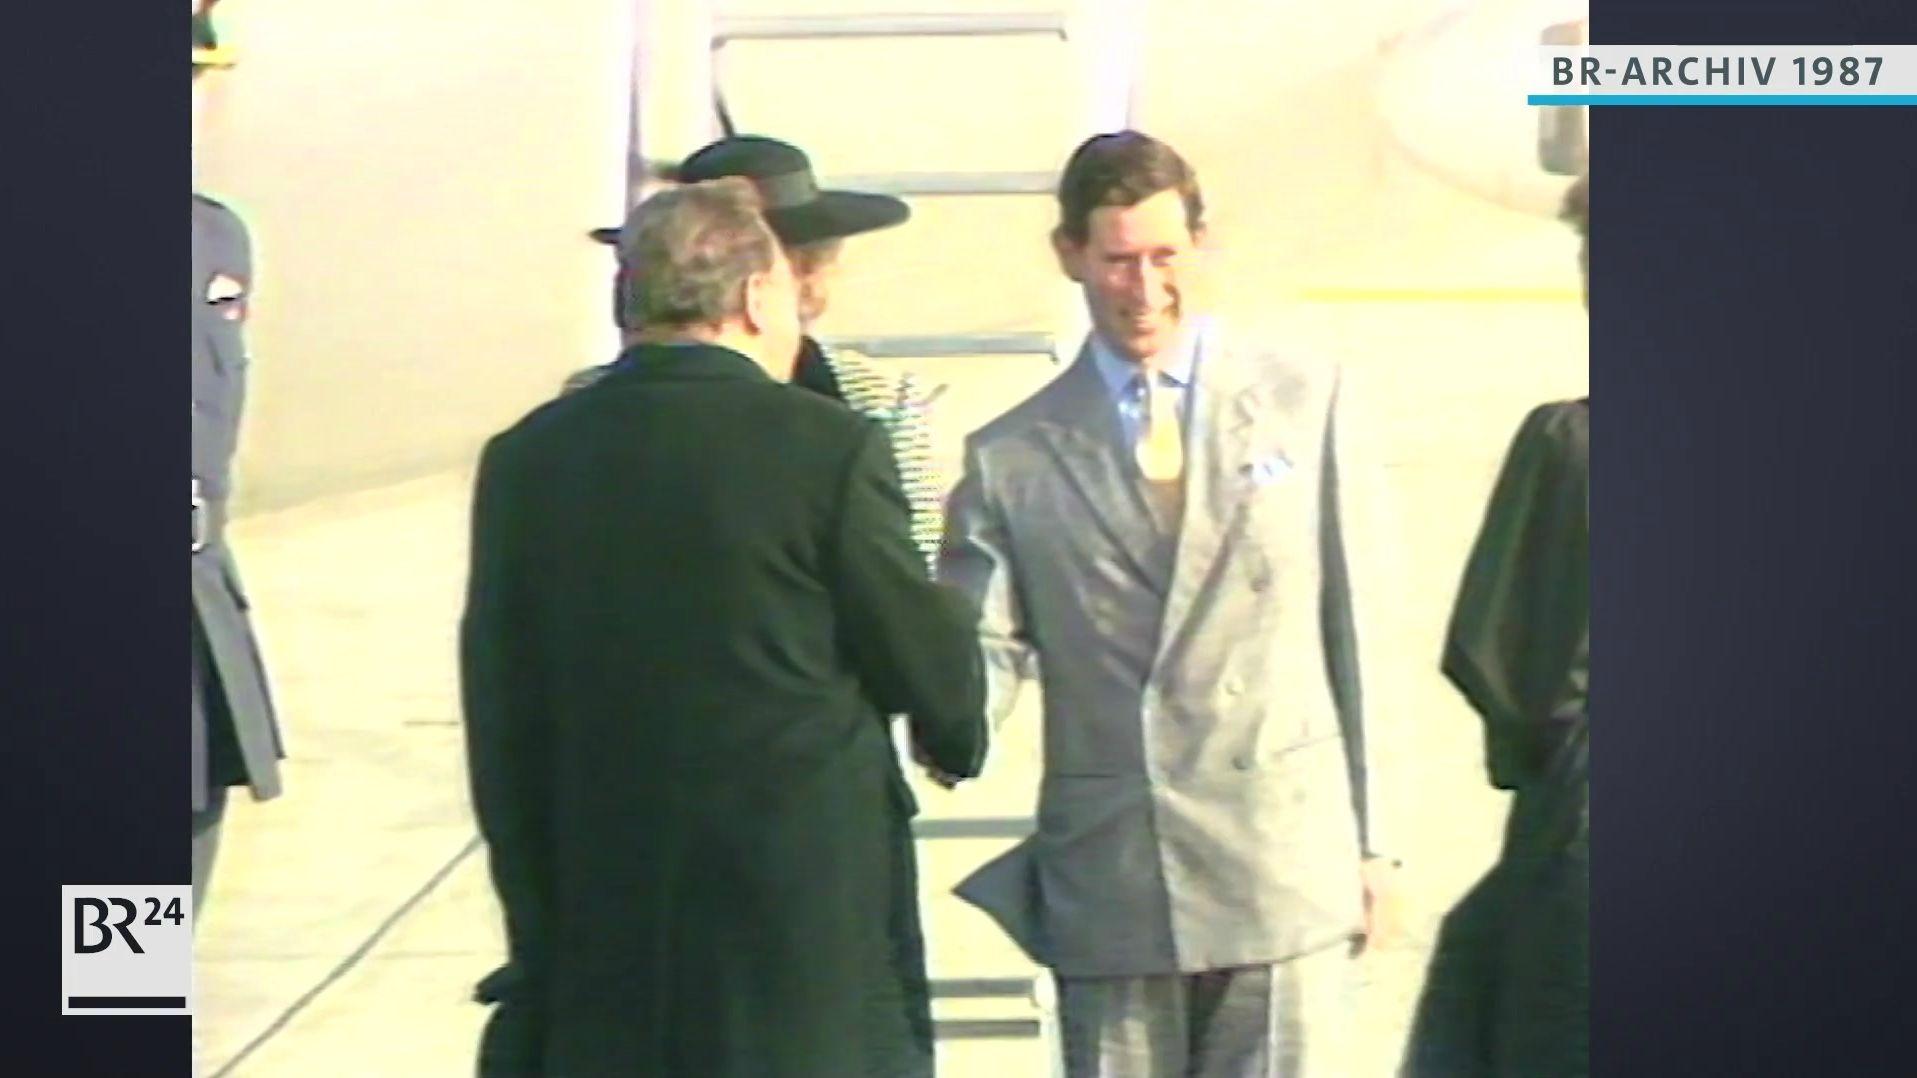 Franz Josef Strauß empfängt Prinz Charles und Prinzessin Diana am Flughafen